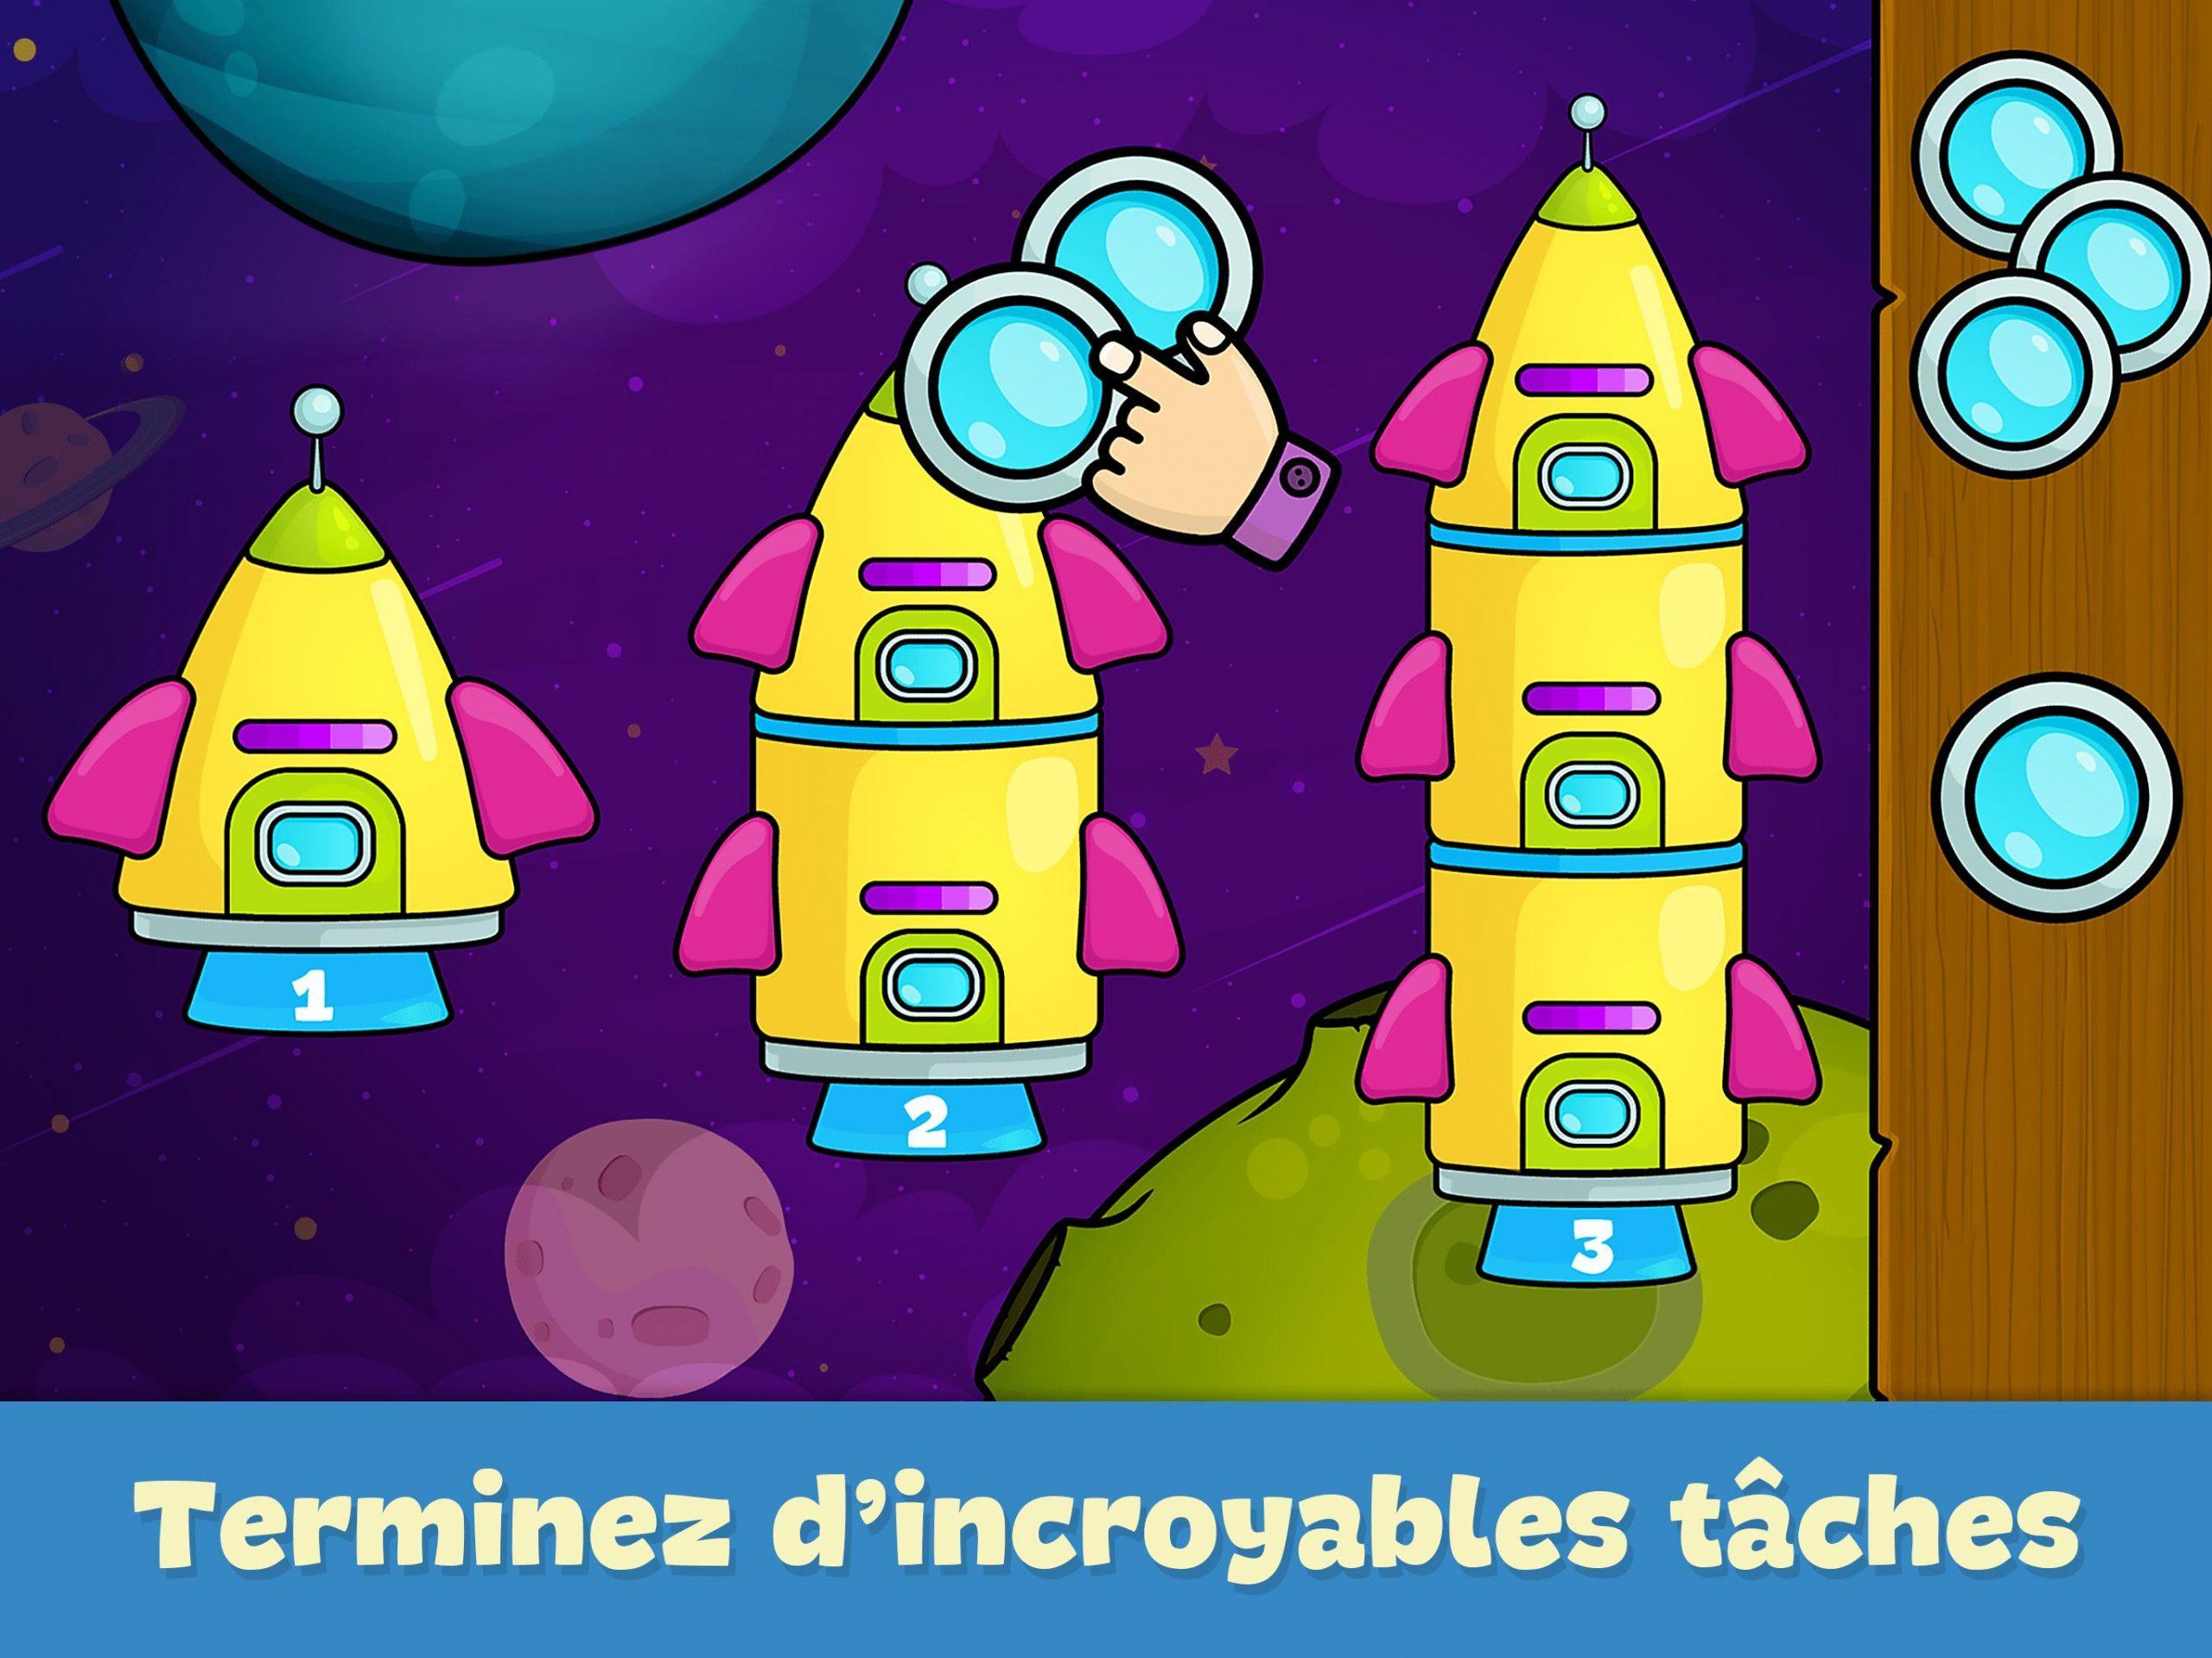 Jeux Pour Enfants 2 - 5 Ans Pour Android - Téléchargez L'apk encequiconcerne Jeux De Fille 4 Ans Gratuit